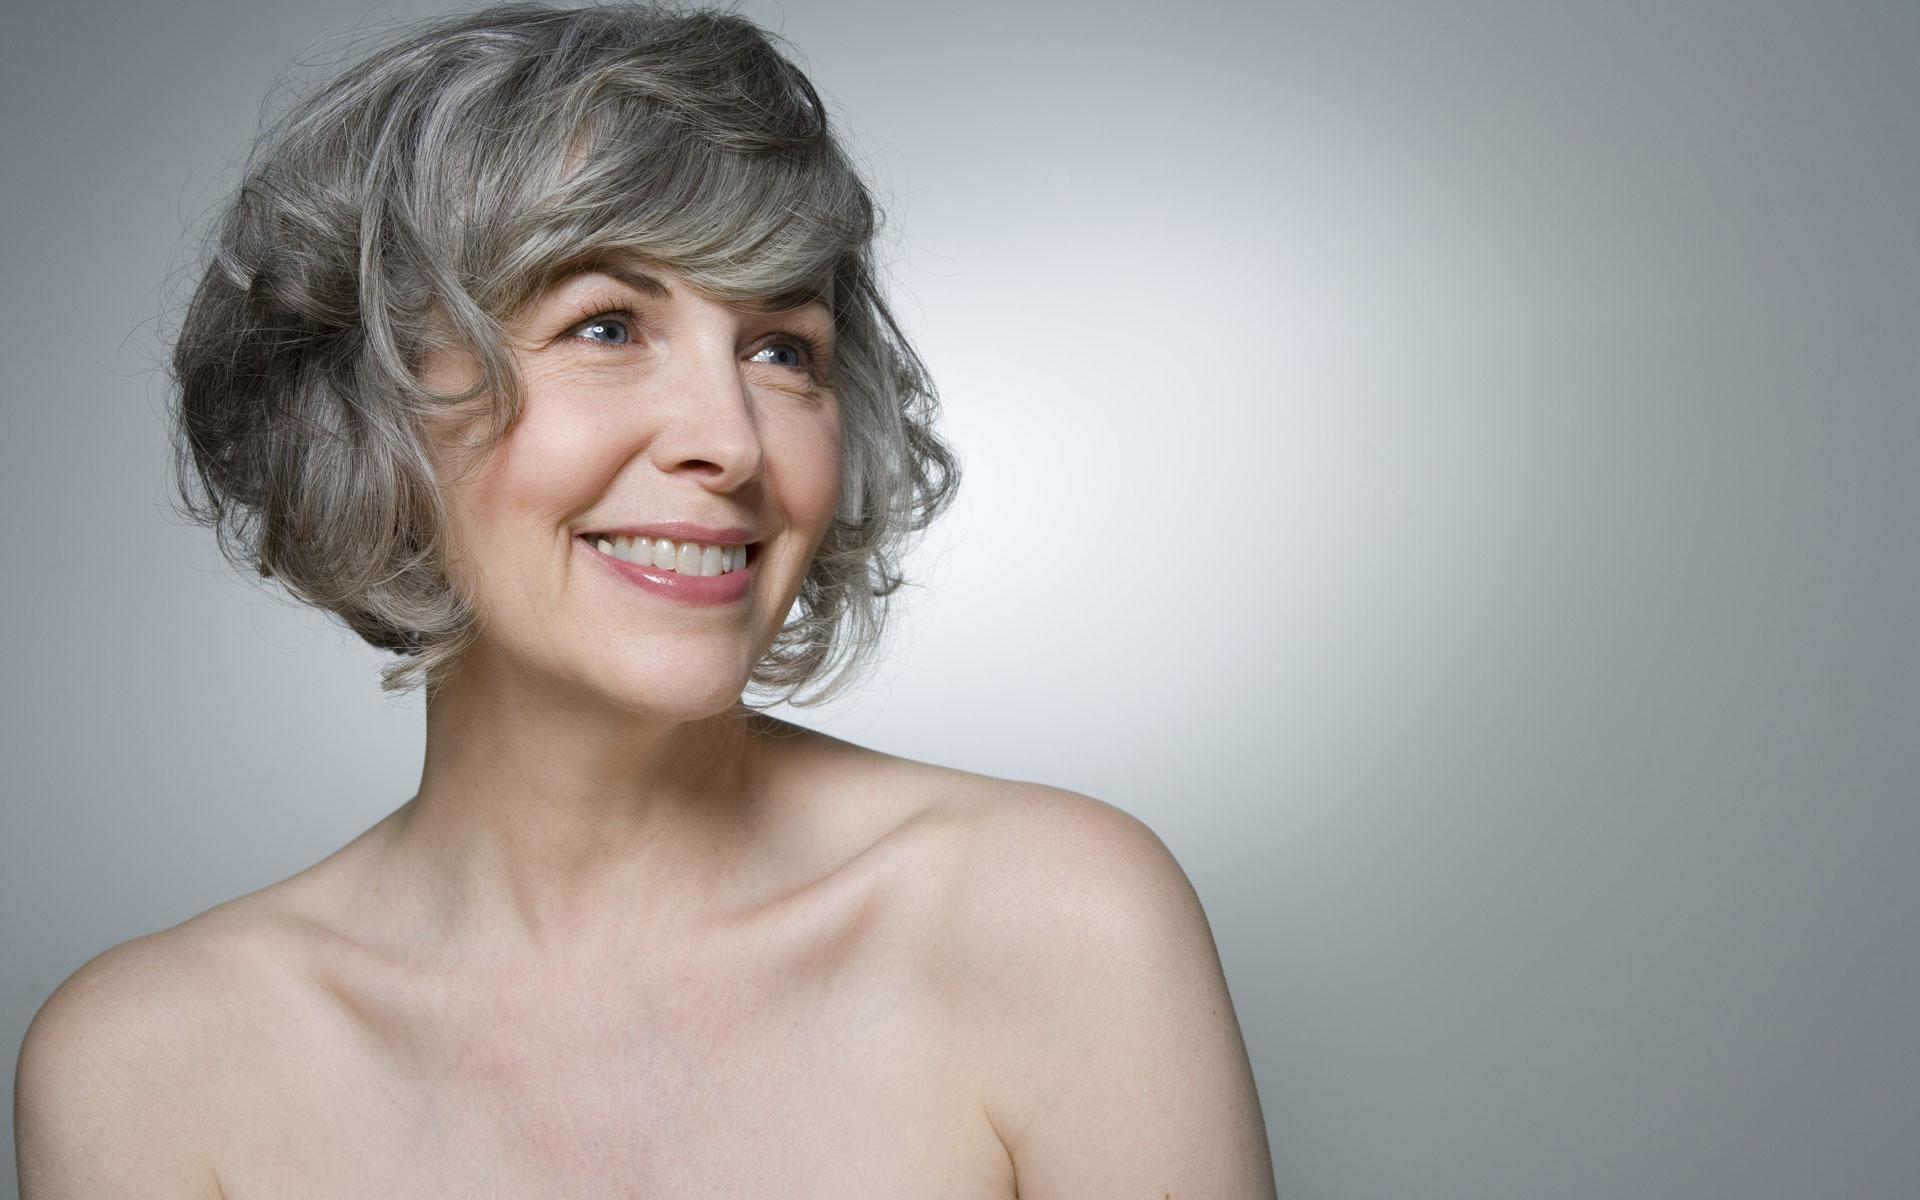 Dolore al seno in menopausa: possibili cause, rimedi e cosa fare